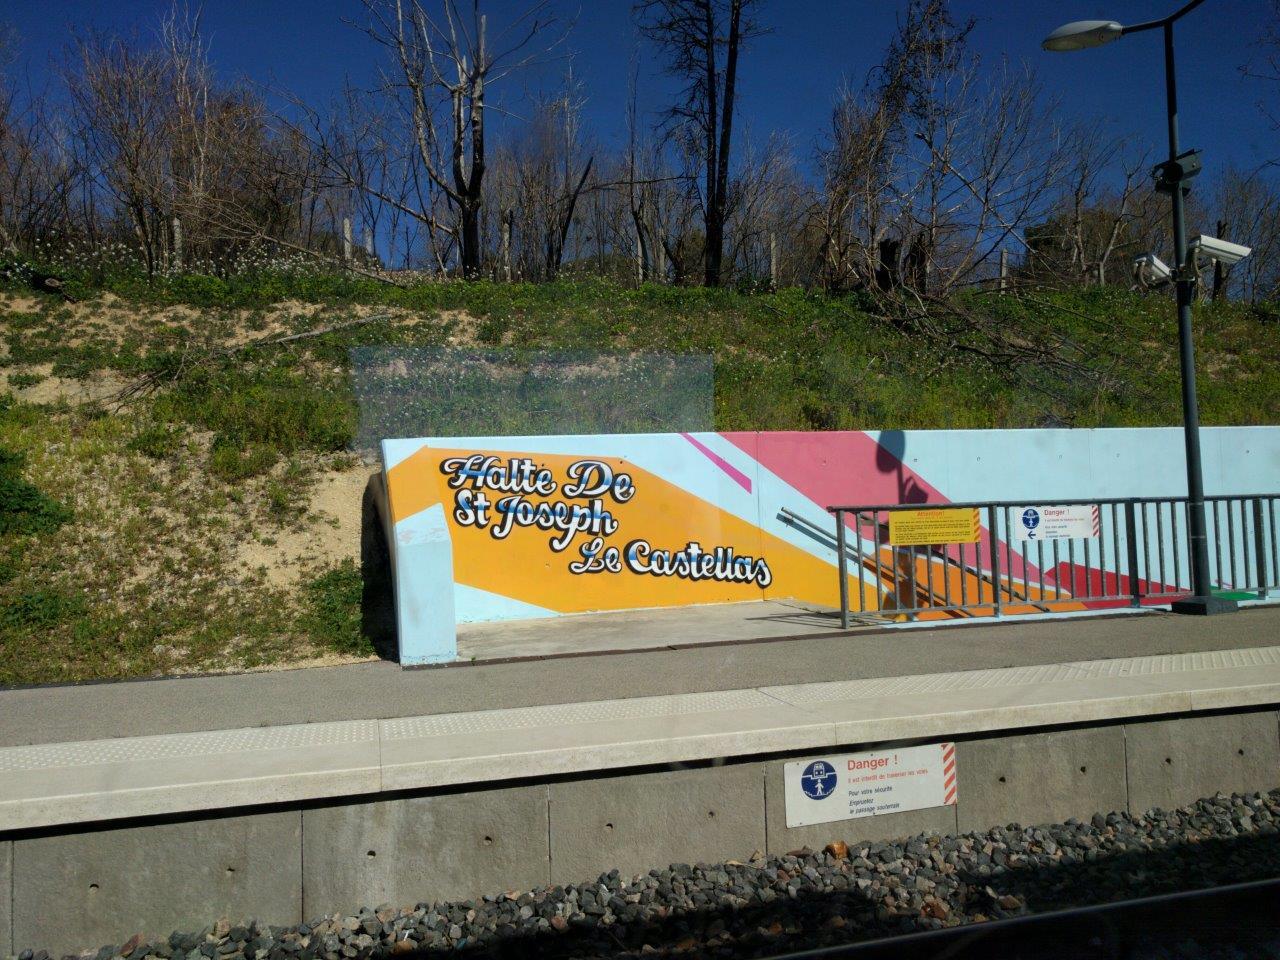 gare-de-saint-joseph-le-castellas-train-station